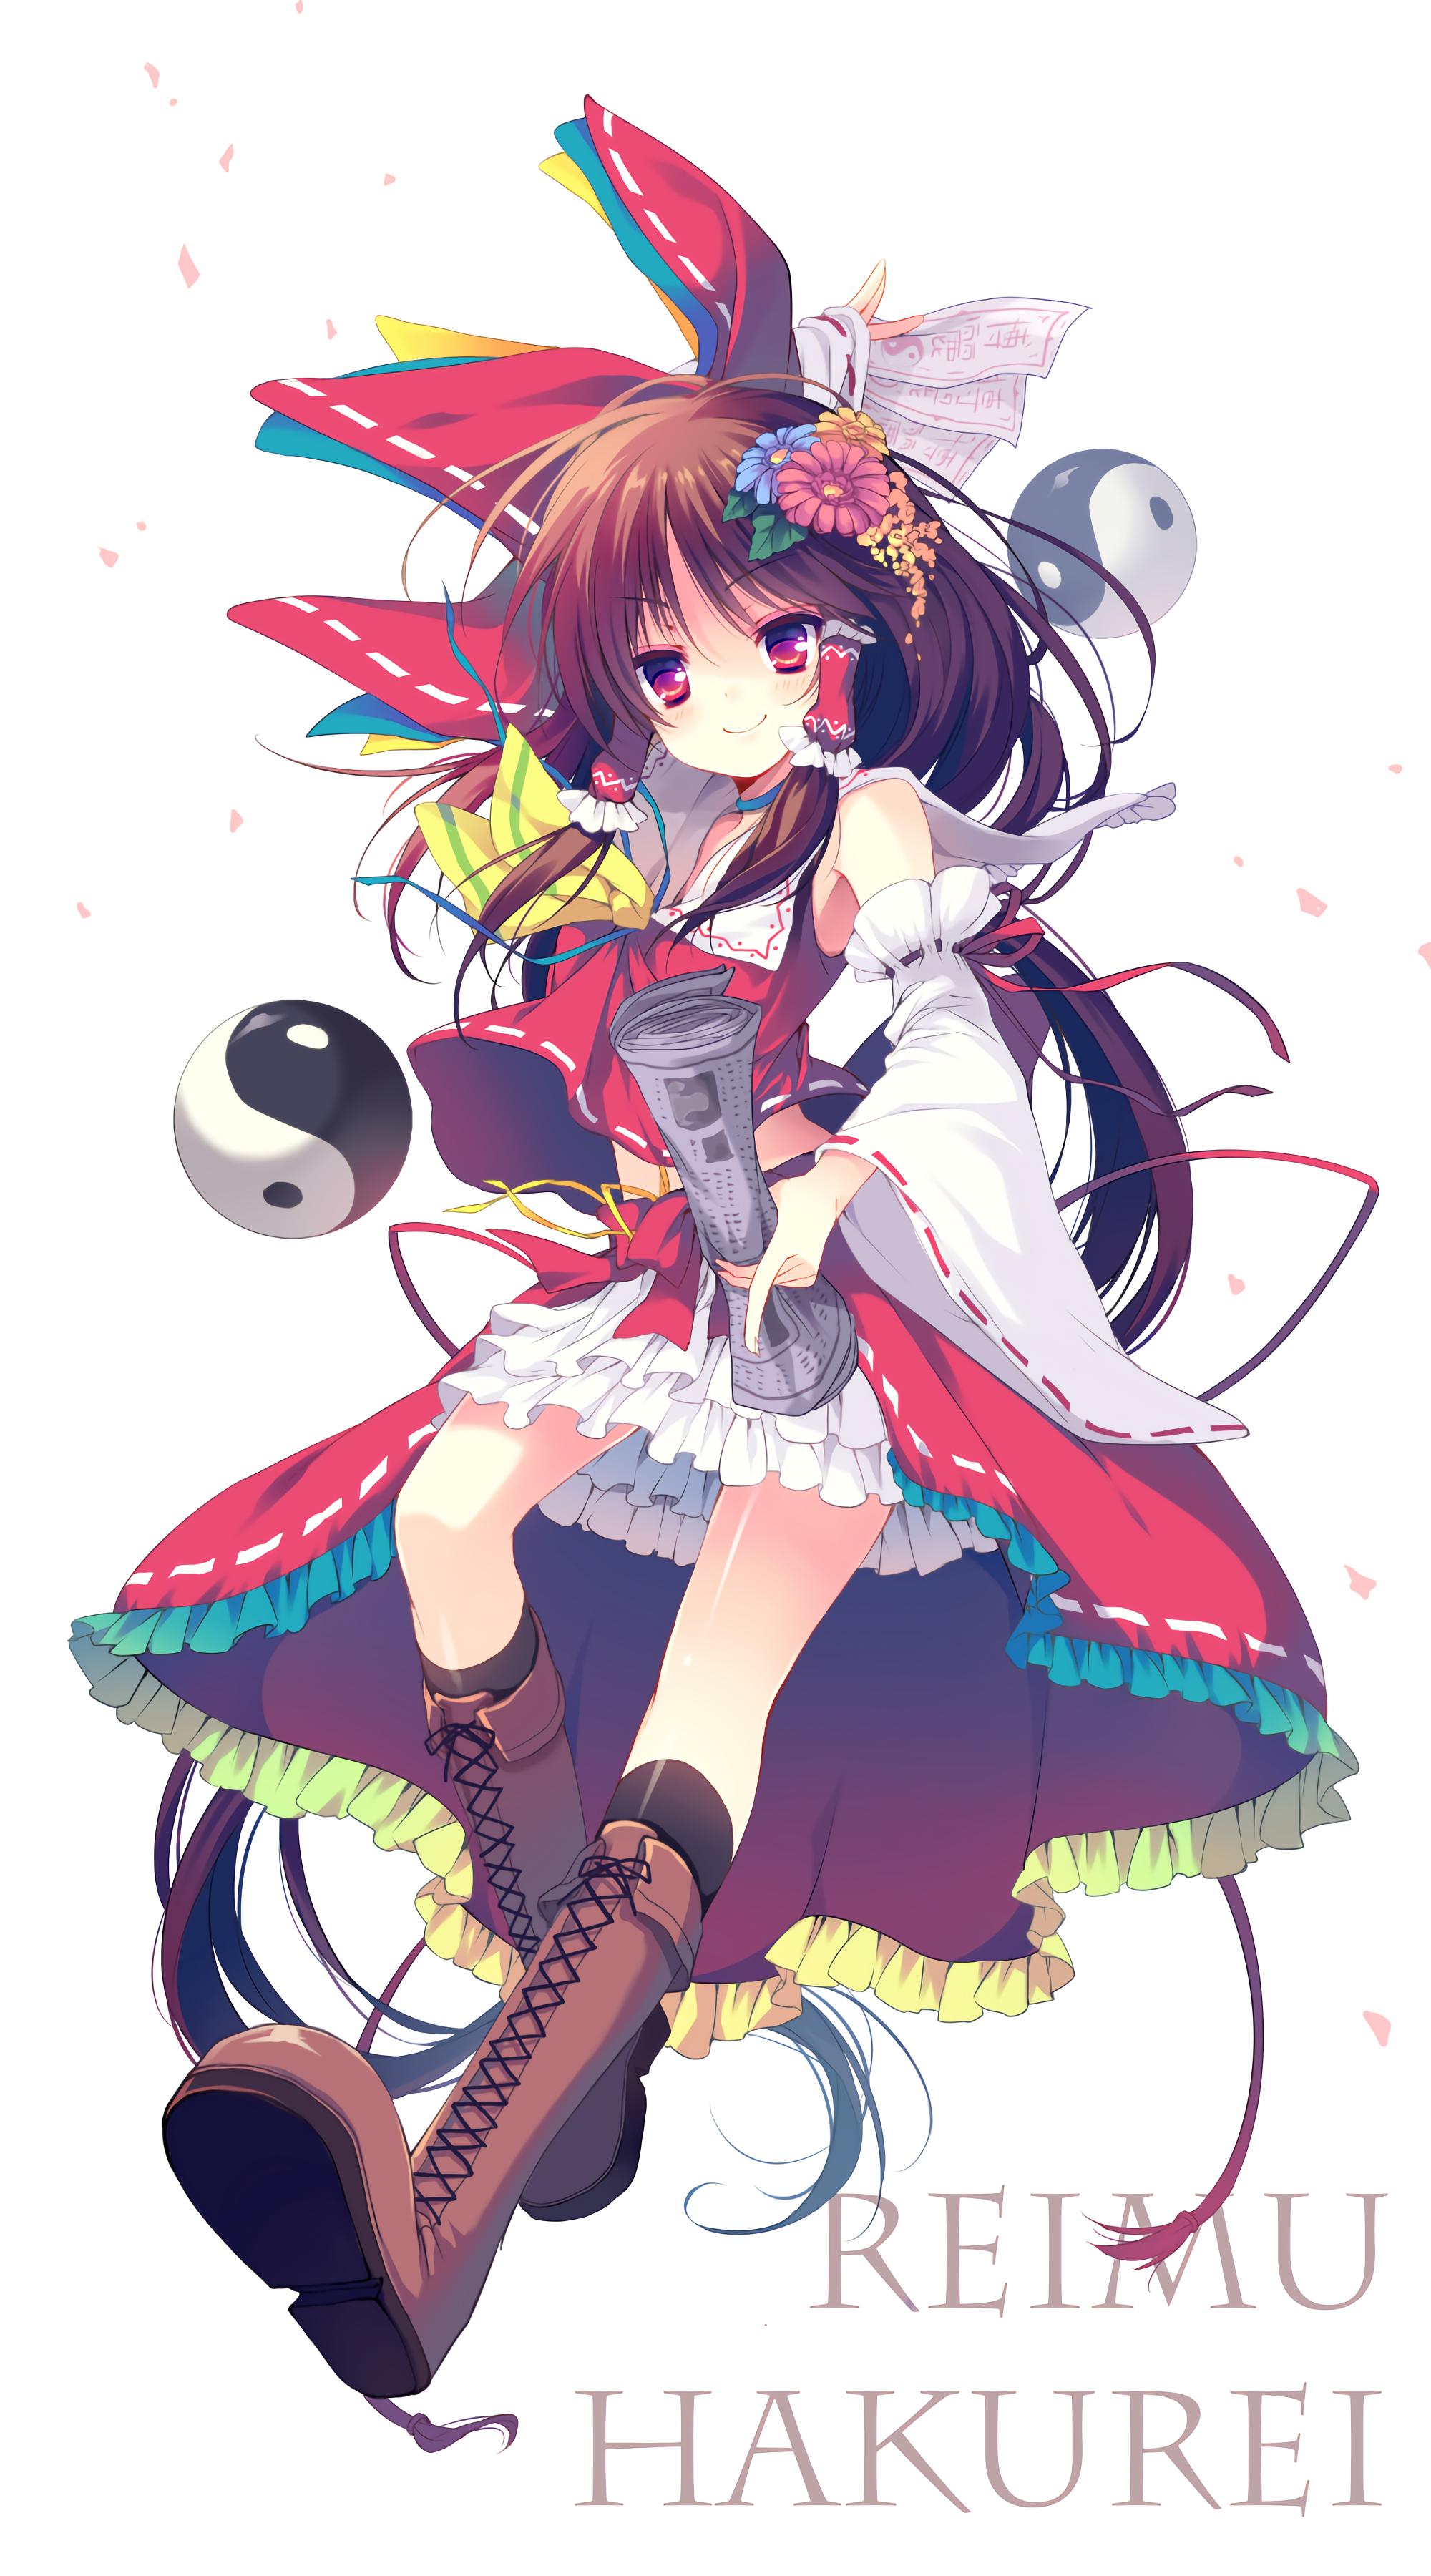 東方 touhou アニメチビ 芸術的アニメ少女 東方 かわいい